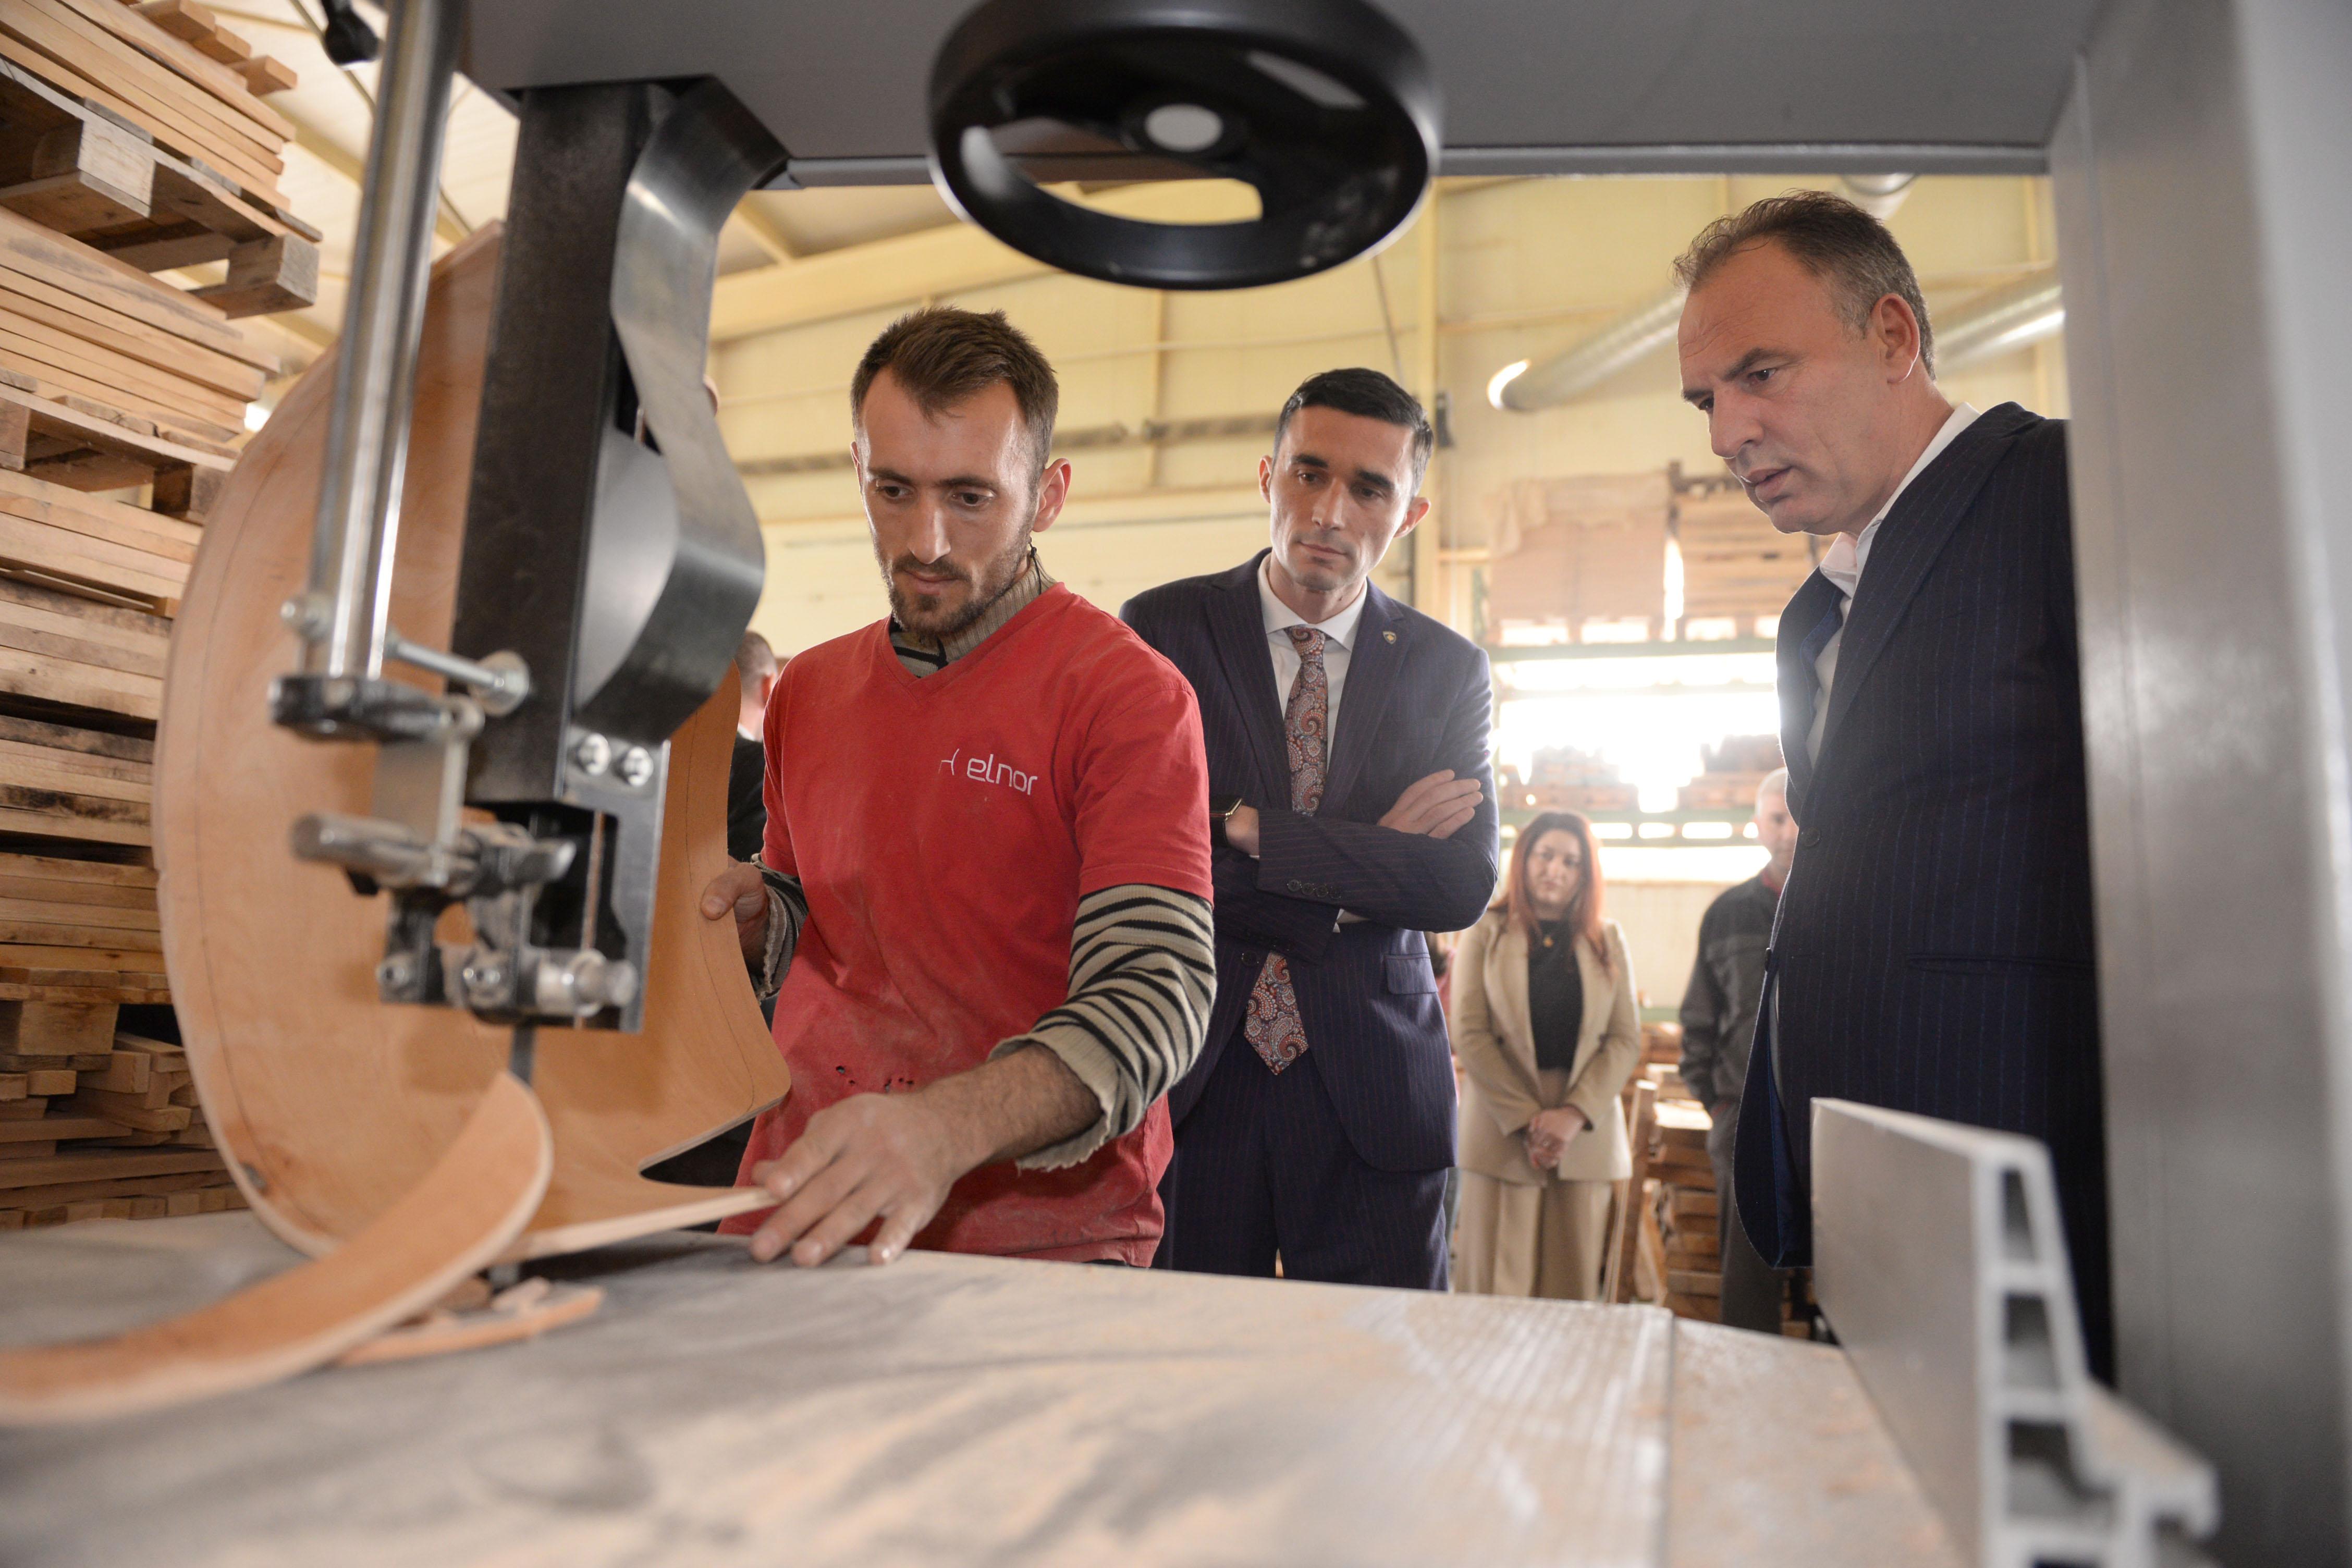 Përpunuesit e drurit vlerësojnë vendimin e ministrit Shala për ndalimin e eksportit të drurit